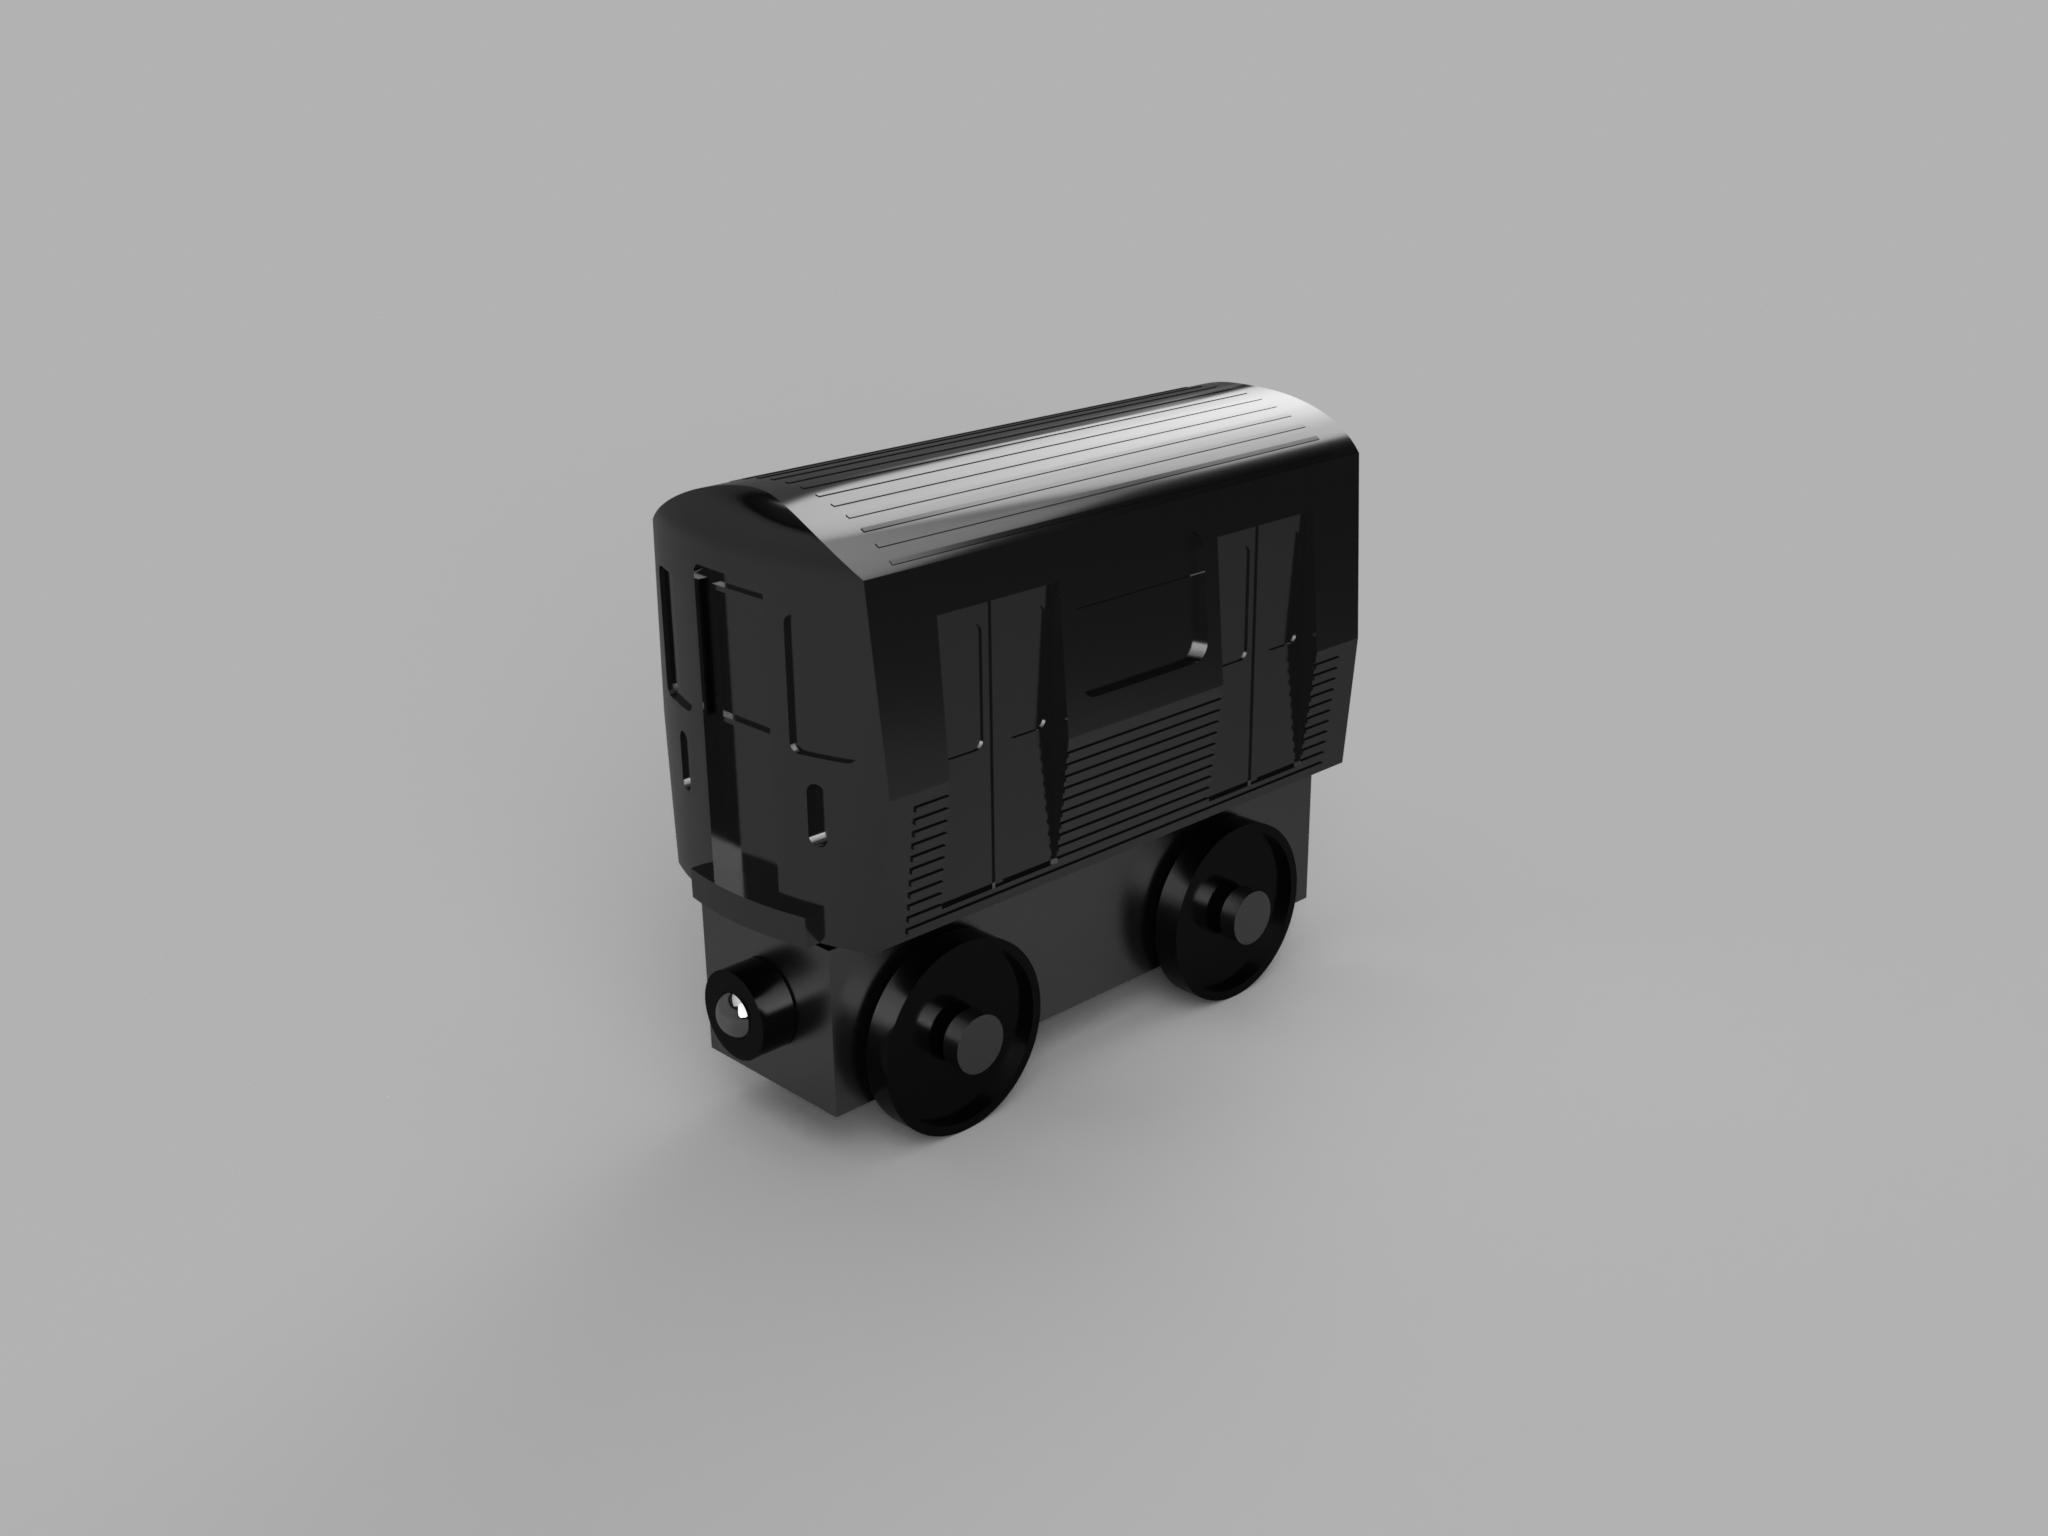 Train_2018-Jan-14_02-05-23AM-000_CustomizedView16900660424_png.png Télécharger fichier STL gratuit Métro de NYC • Modèle pour imprimante 3D, Dsk